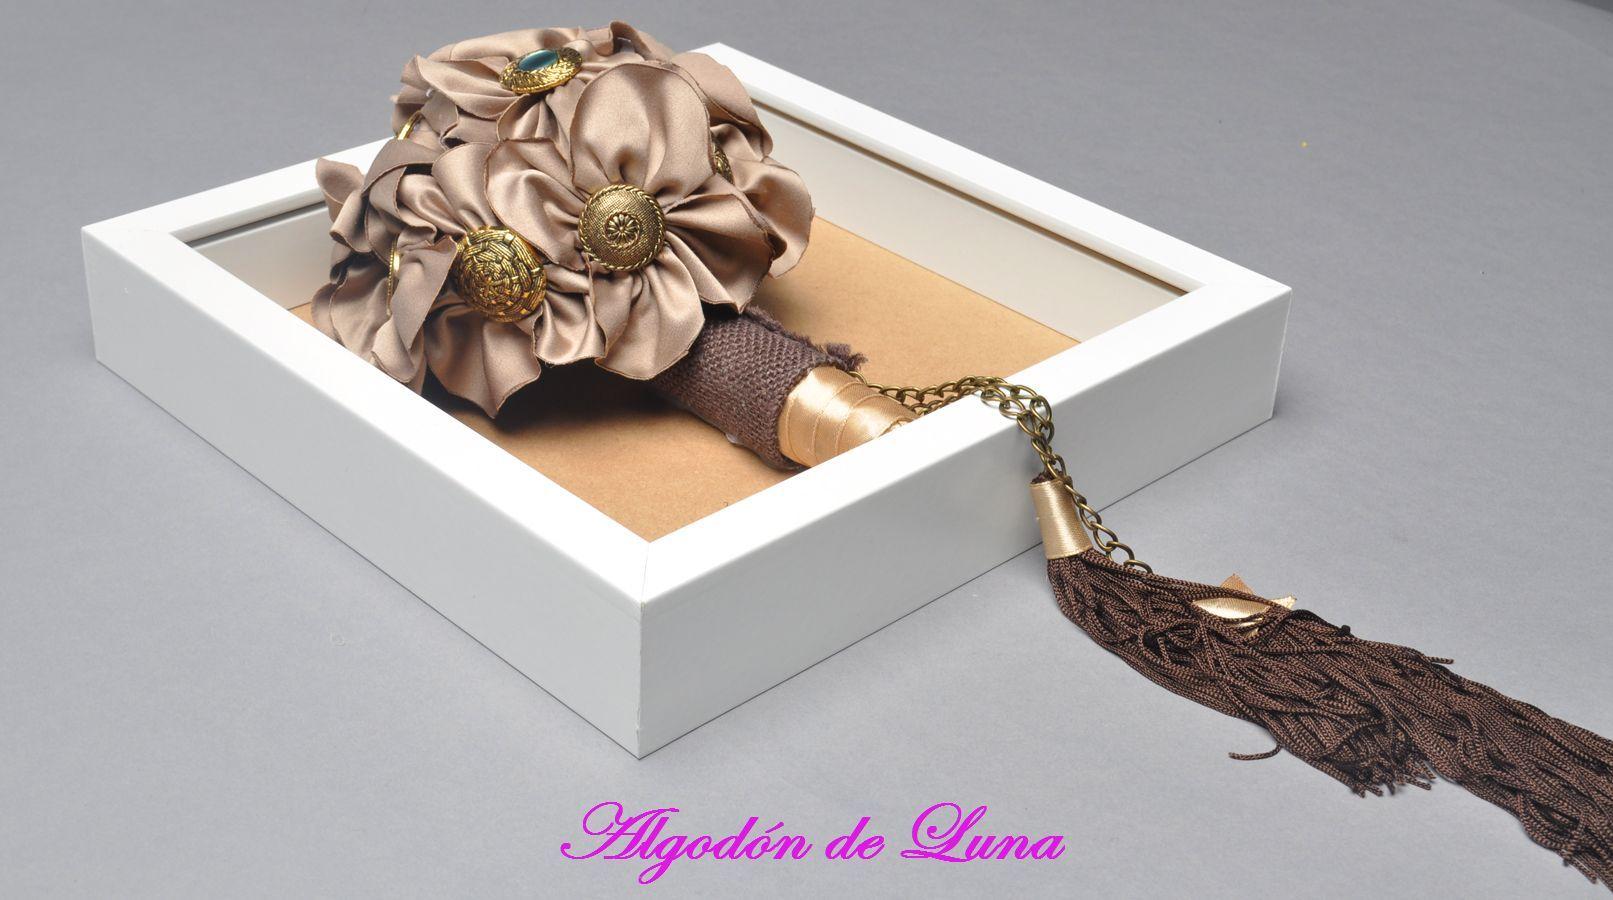 Bouquet ramo de flores de tela enmarcado para recordar por siempre jamás.botones ocres tipo vintage con borlas marrones y dorado en tonos marrones  606619349 algodondeluna@gmail